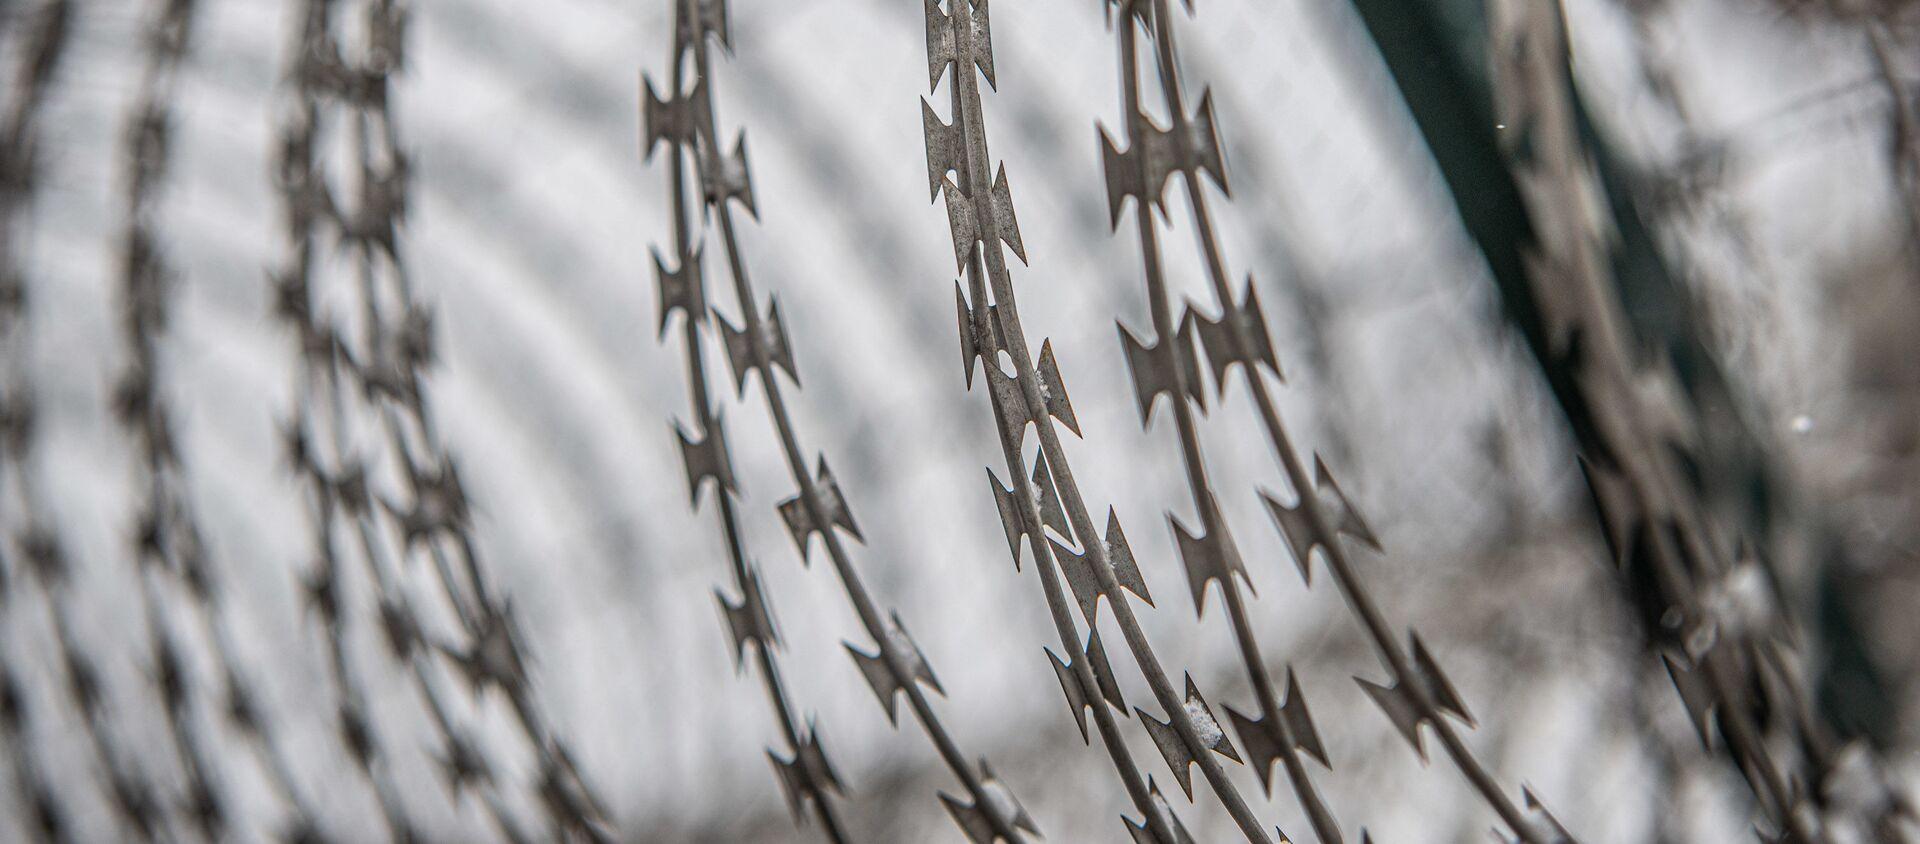 Руставская тюрьма - колючая проволока на стене - Sputnik Грузия, 1920, 13.08.2021